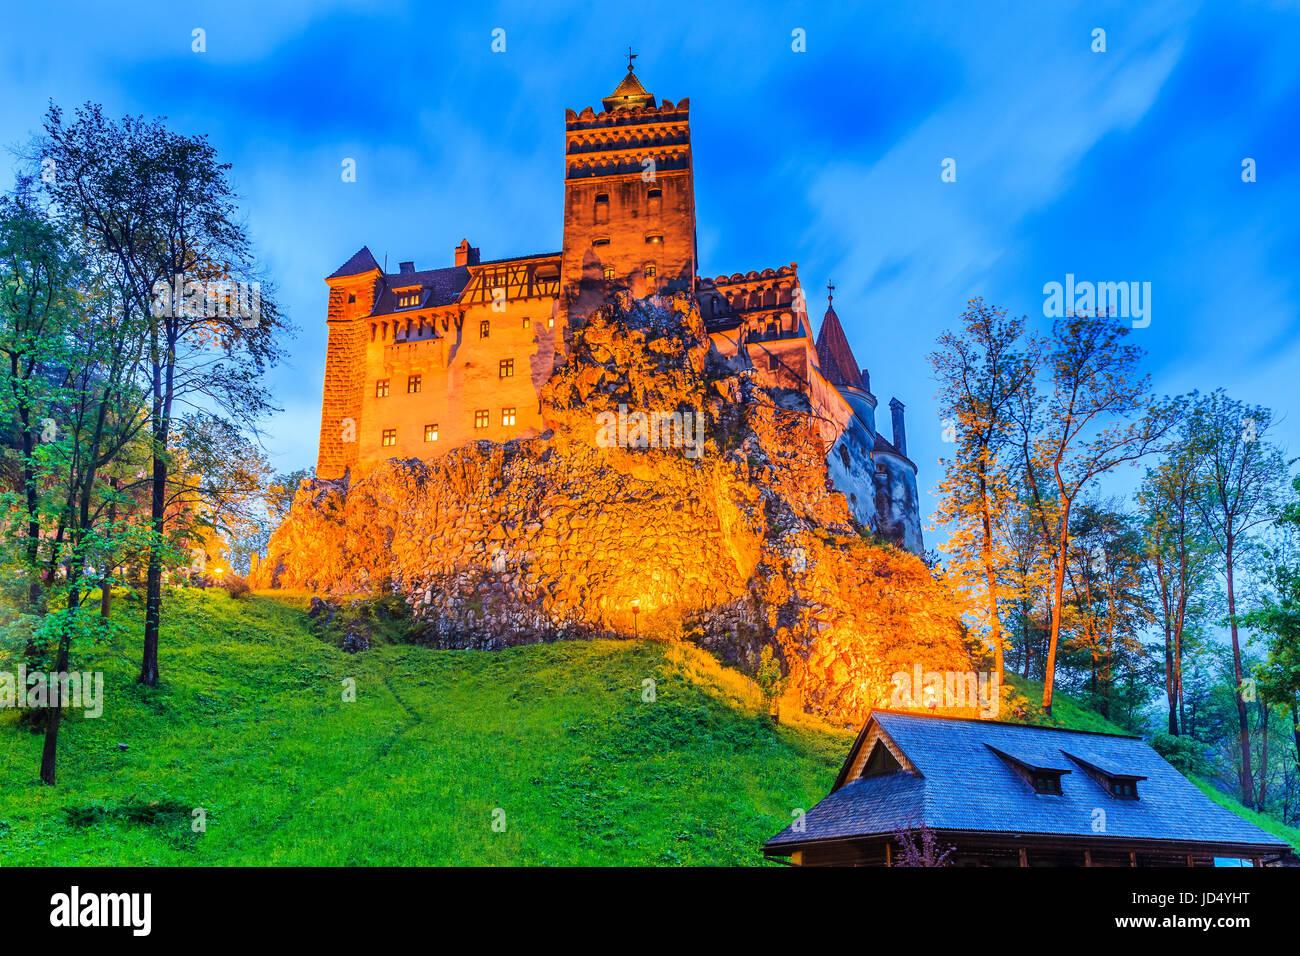 Brasov, in Transilvania. La Romania. Il castello medievale di crusca, noto per la leggenda di Dracula. Immagini Stock